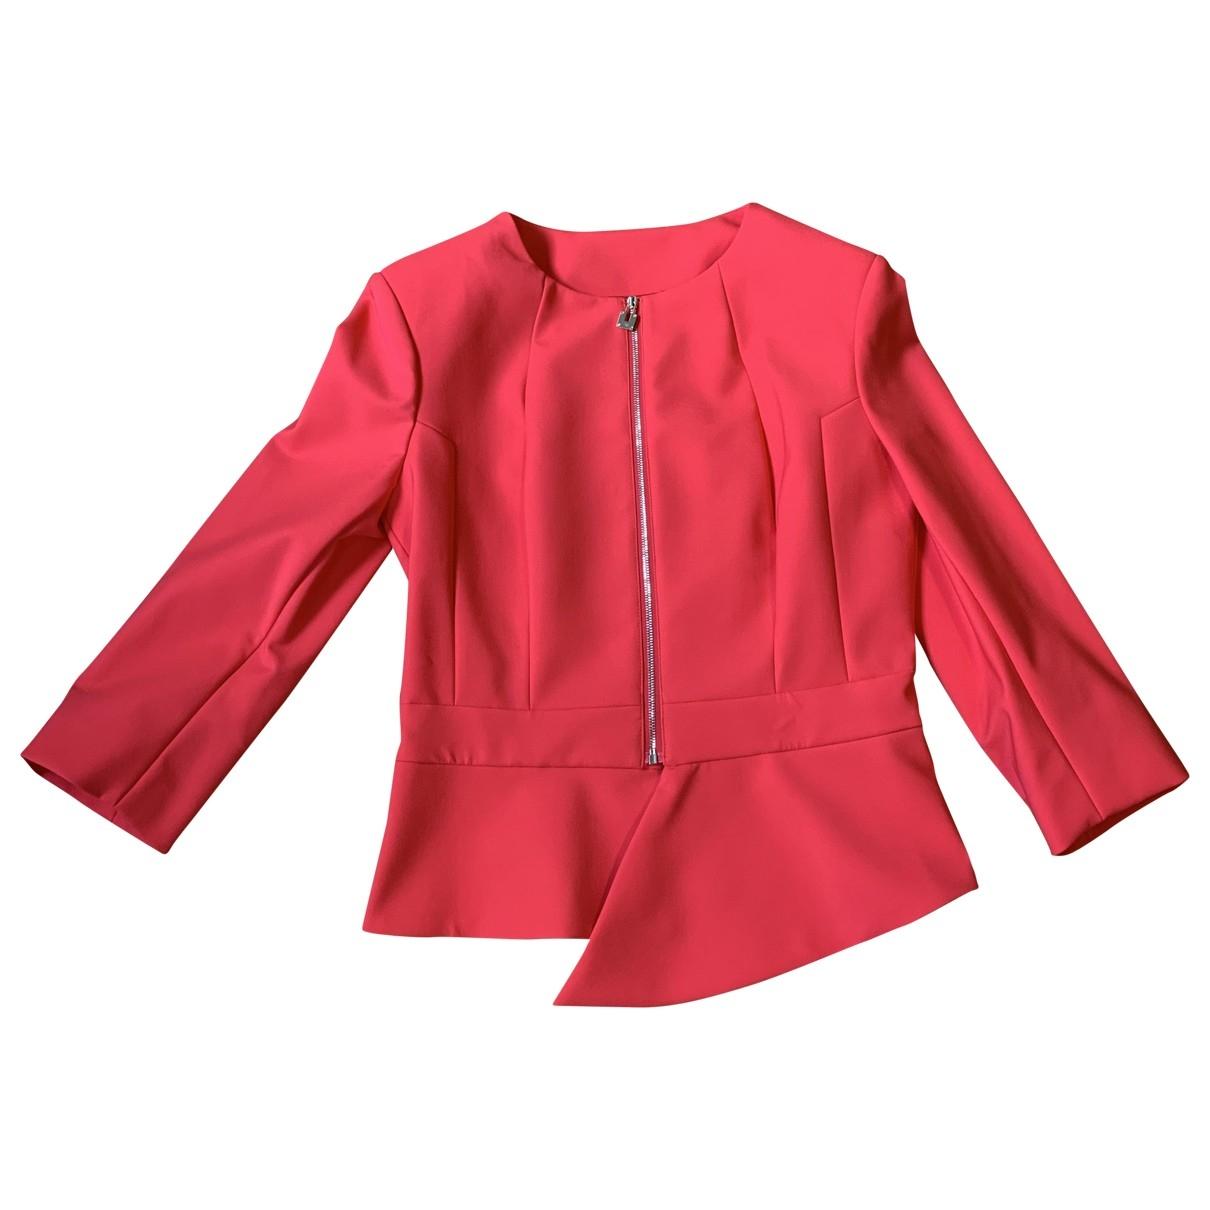 Elisabetta Franchi \N Red jacket for Women 44 IT